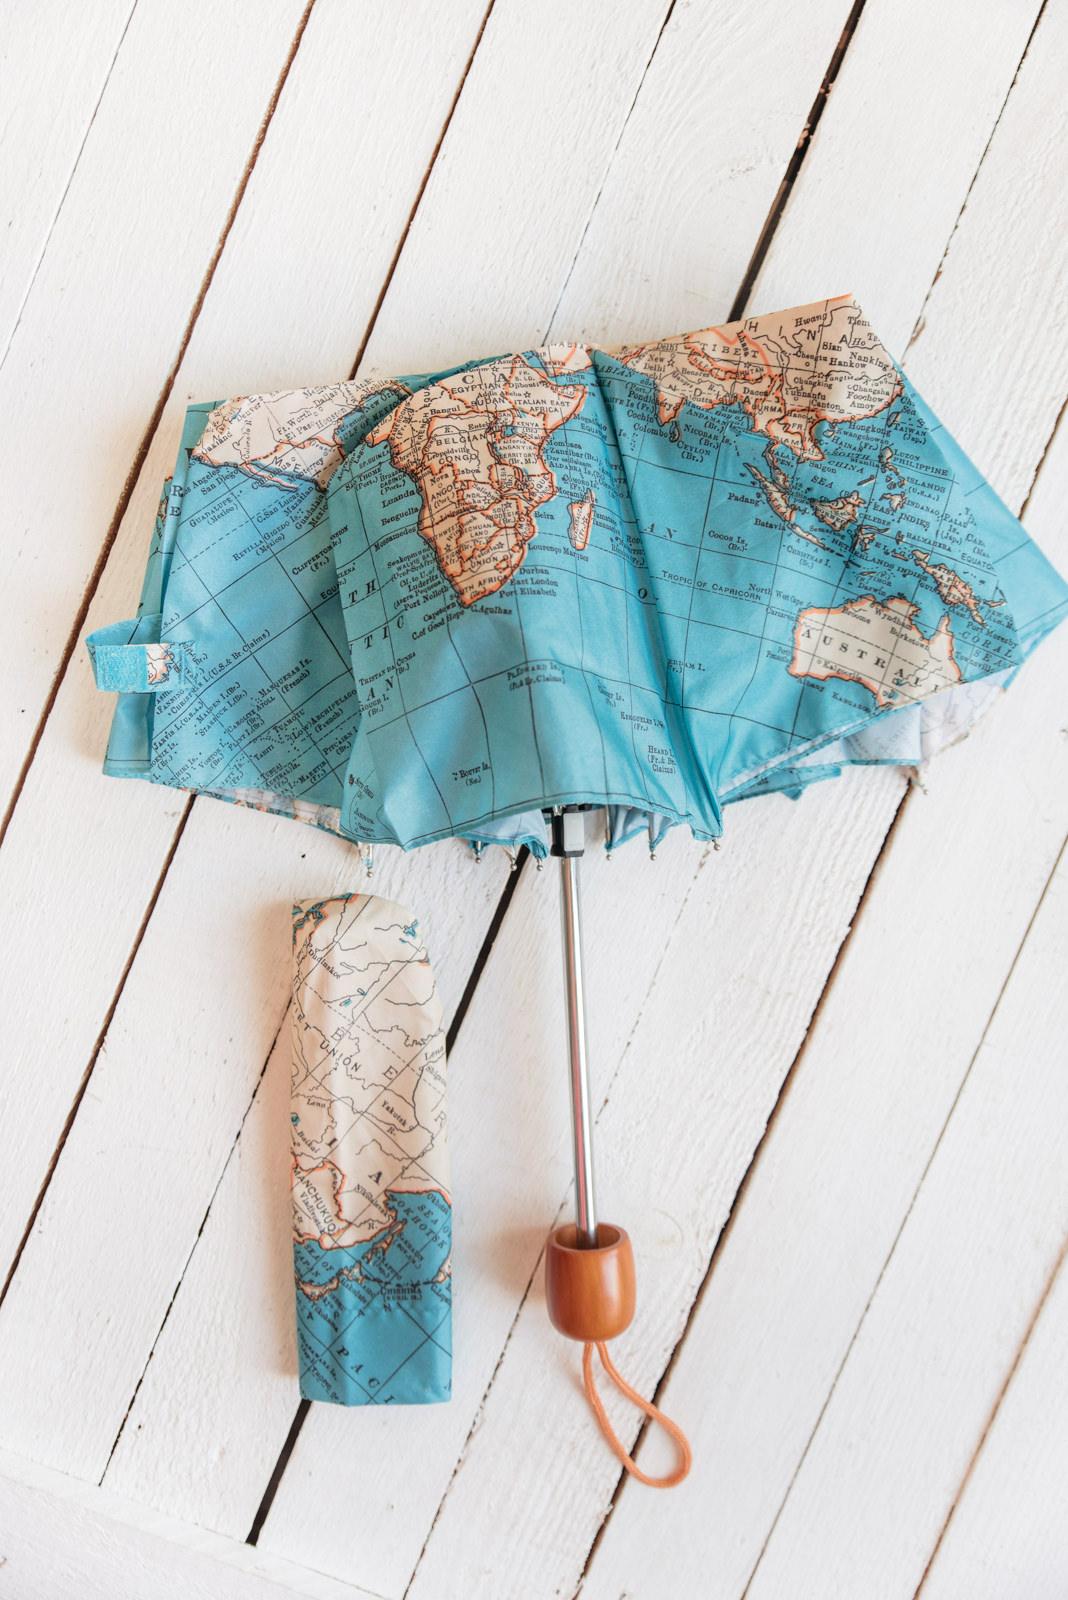 Blog-Mode-And-The-City-Lifestyle-Cinq-Petites-Choses-227-parapluie-mappe-monde